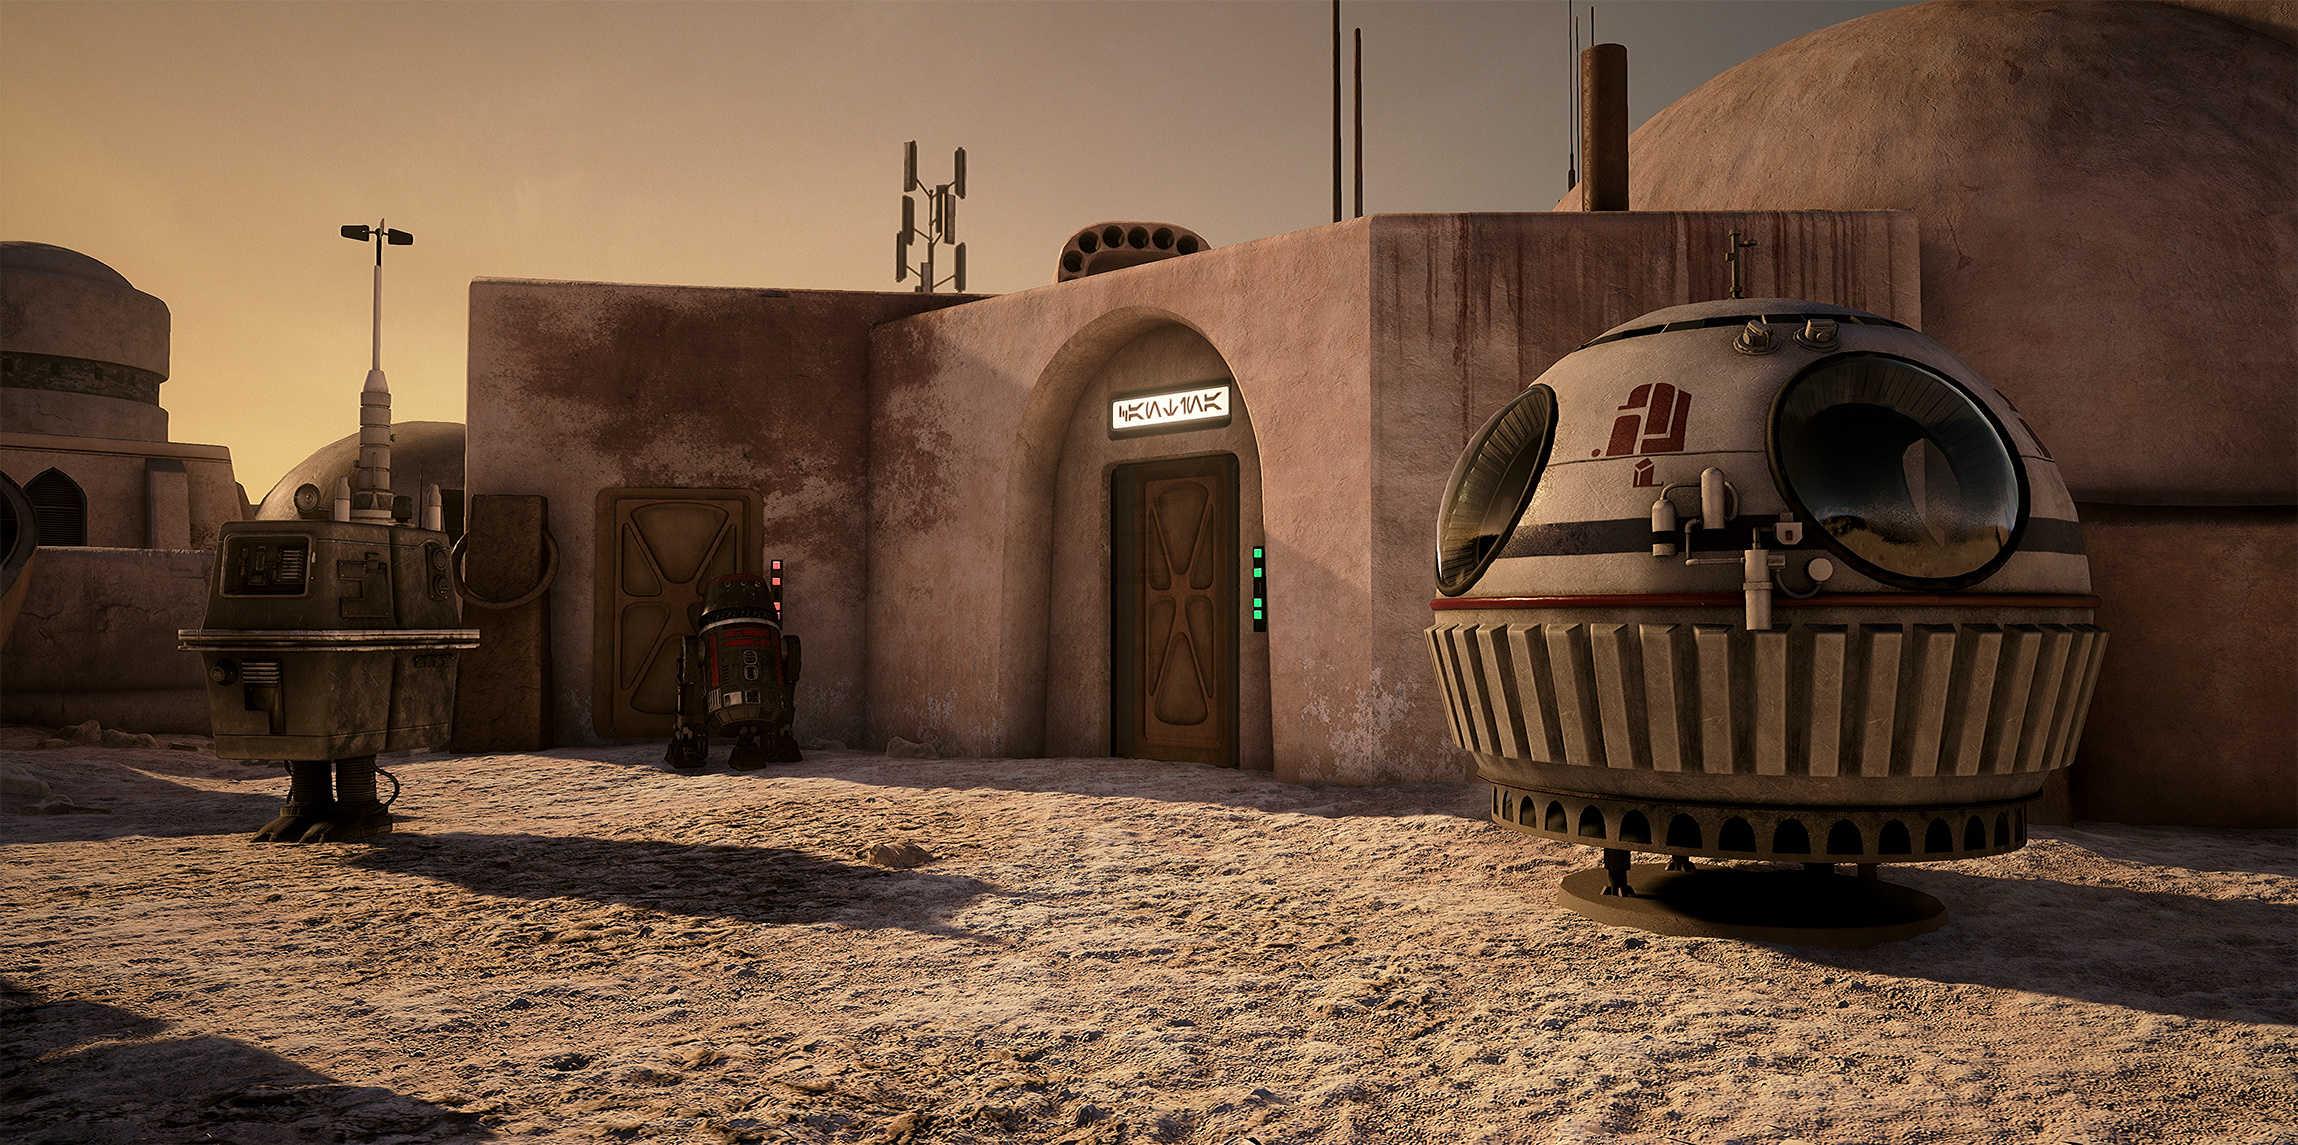 Vývojáři z Obsidianu vytvořili překrásnou Star Wars scenérii v enginu Unreal 4 130529